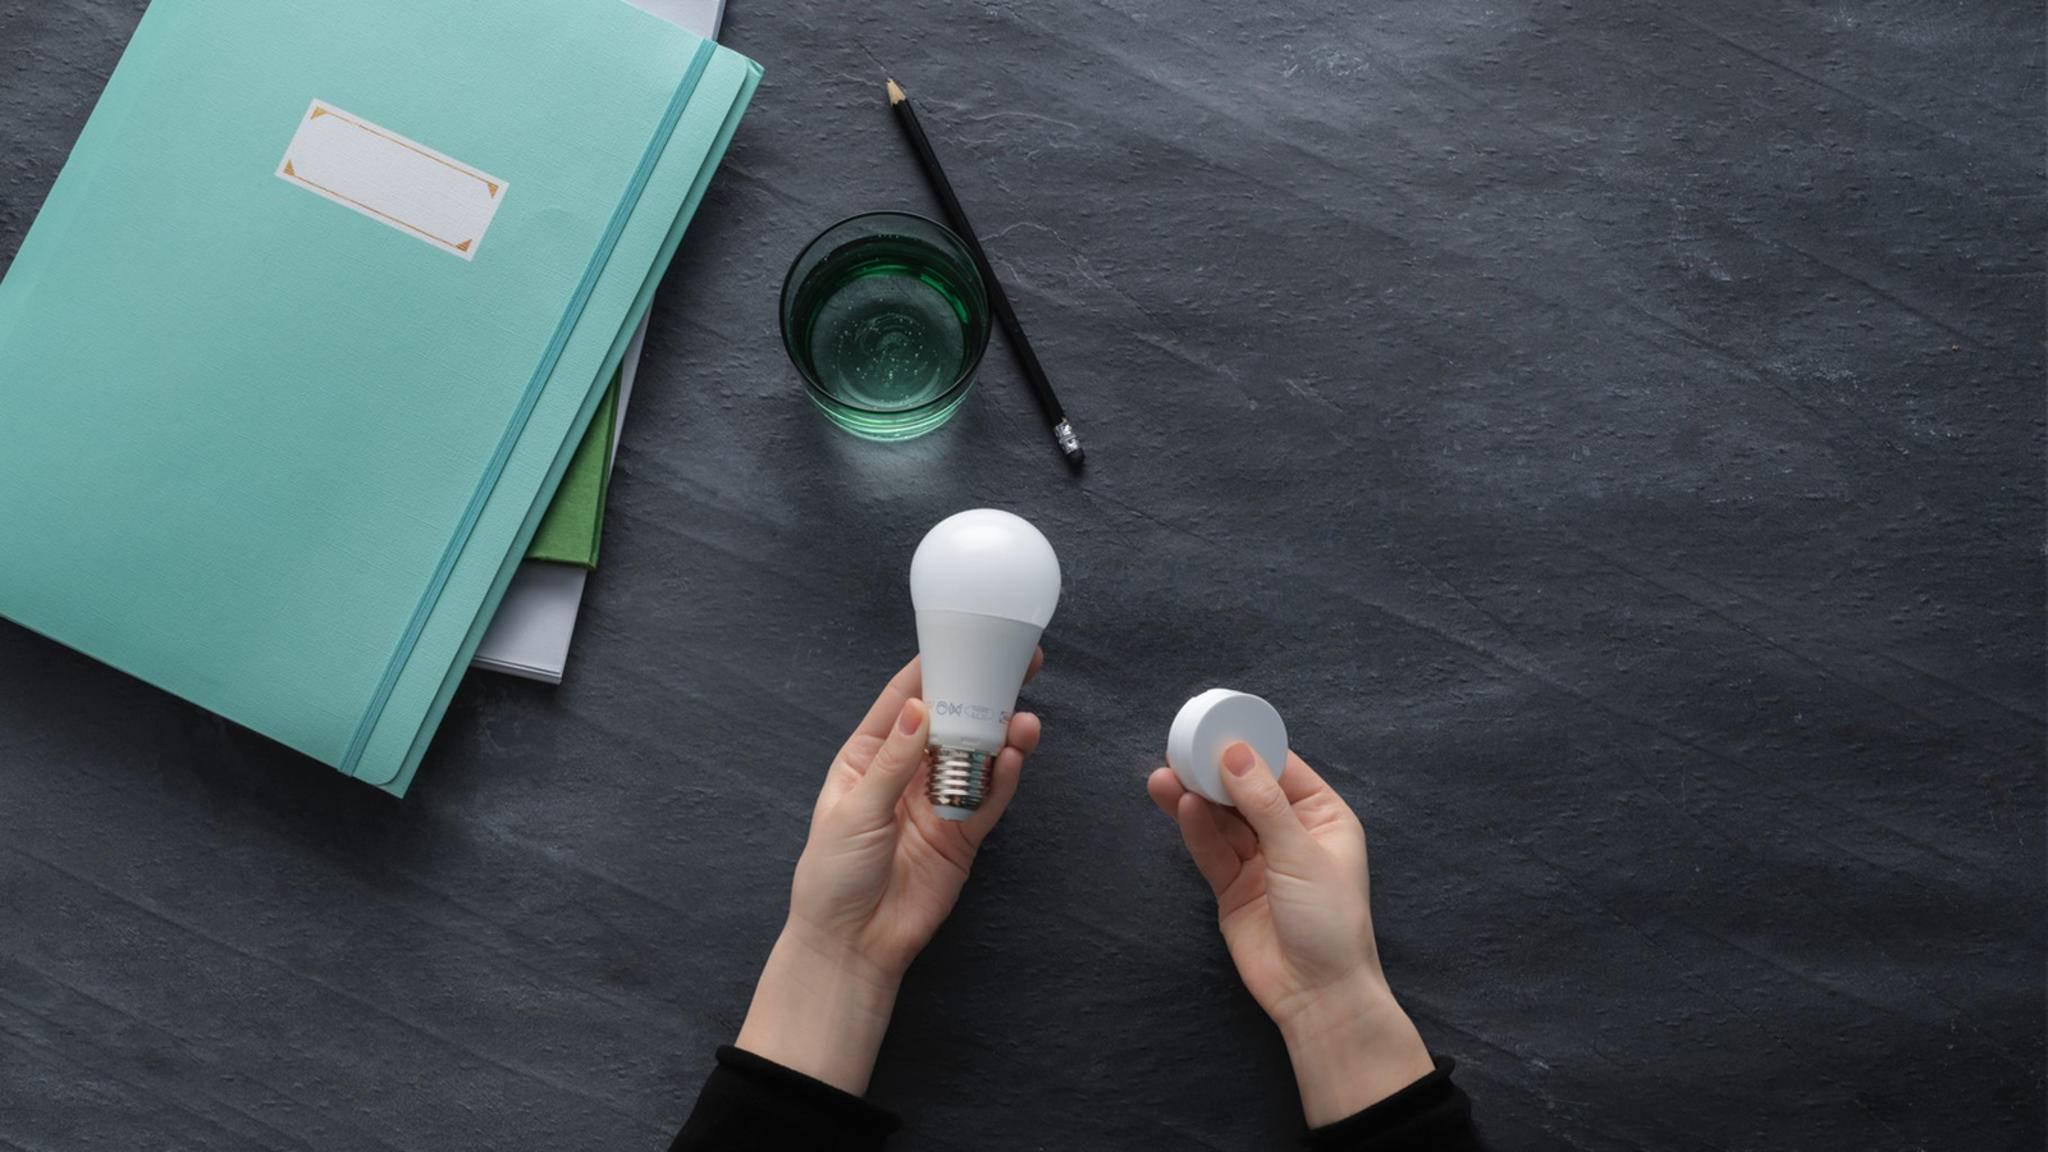 Ikea setzt in Zukunft stärker auf smarte Technologien im Heim.